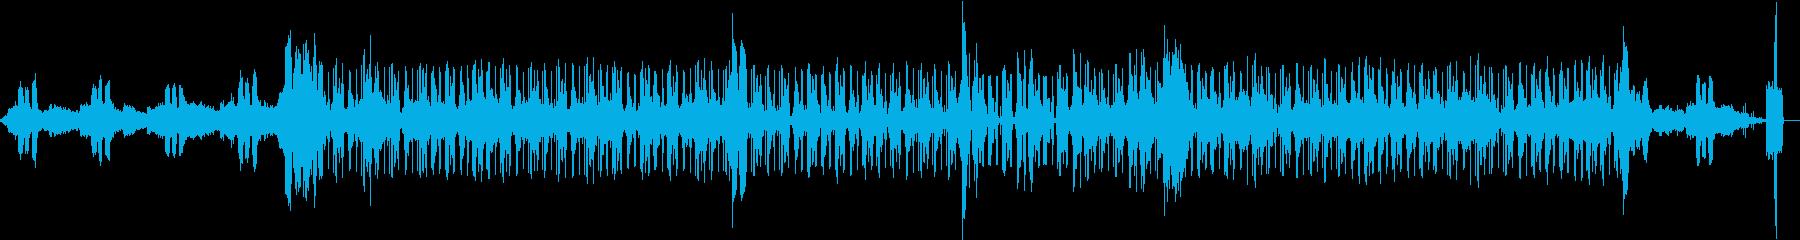 Synが幻想的なテクノチックなEDMの再生済みの波形